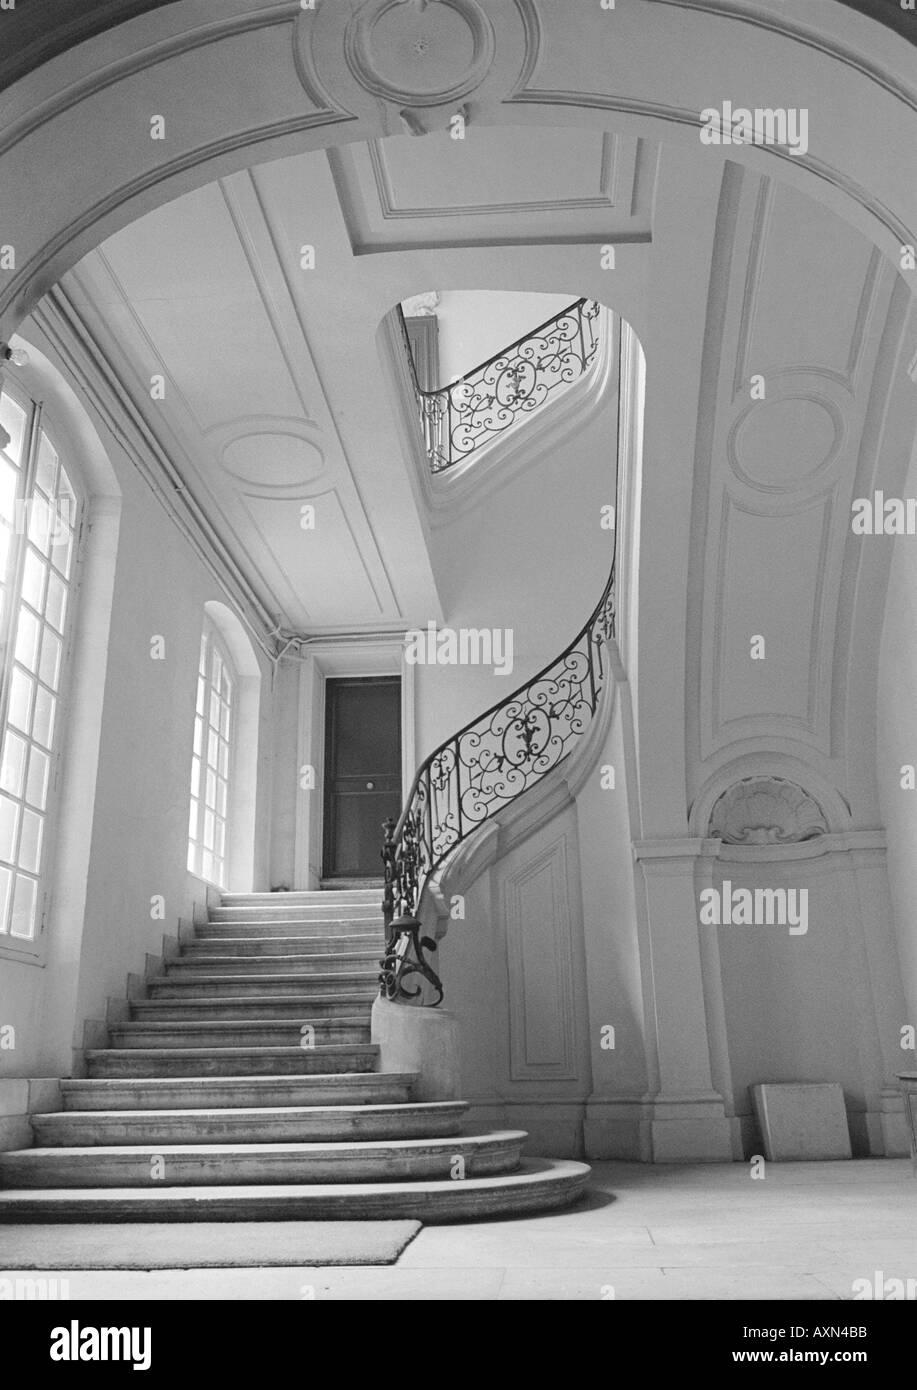 Treppen architektur detail  Paris Frankreich, Architekturdetail, alte Villa in der